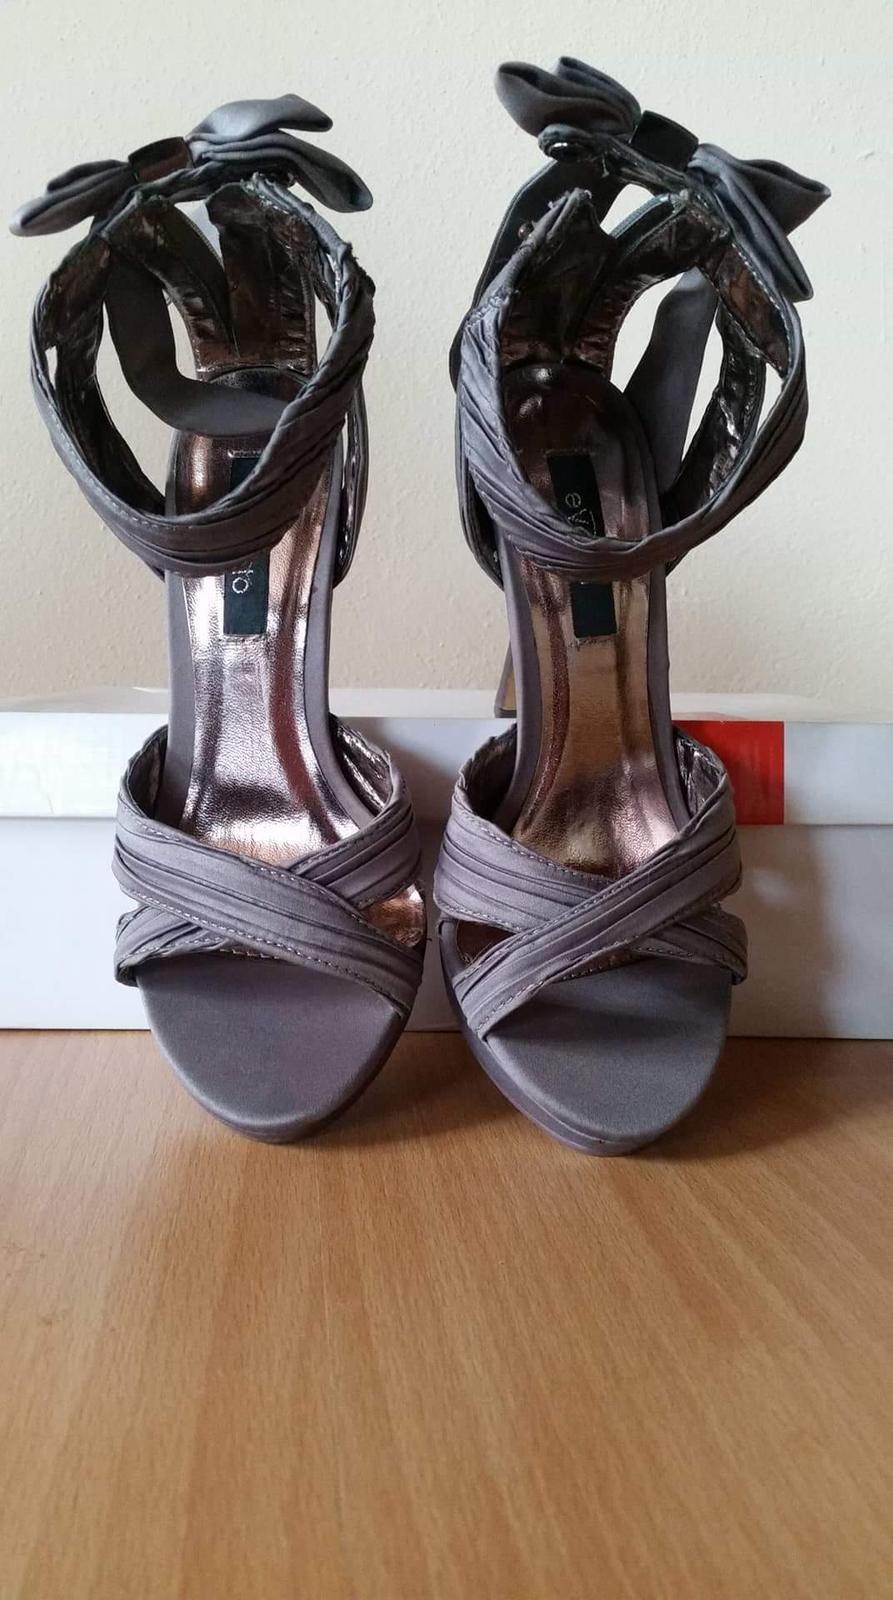 Sandále s poštovným - Obrázok č. 3